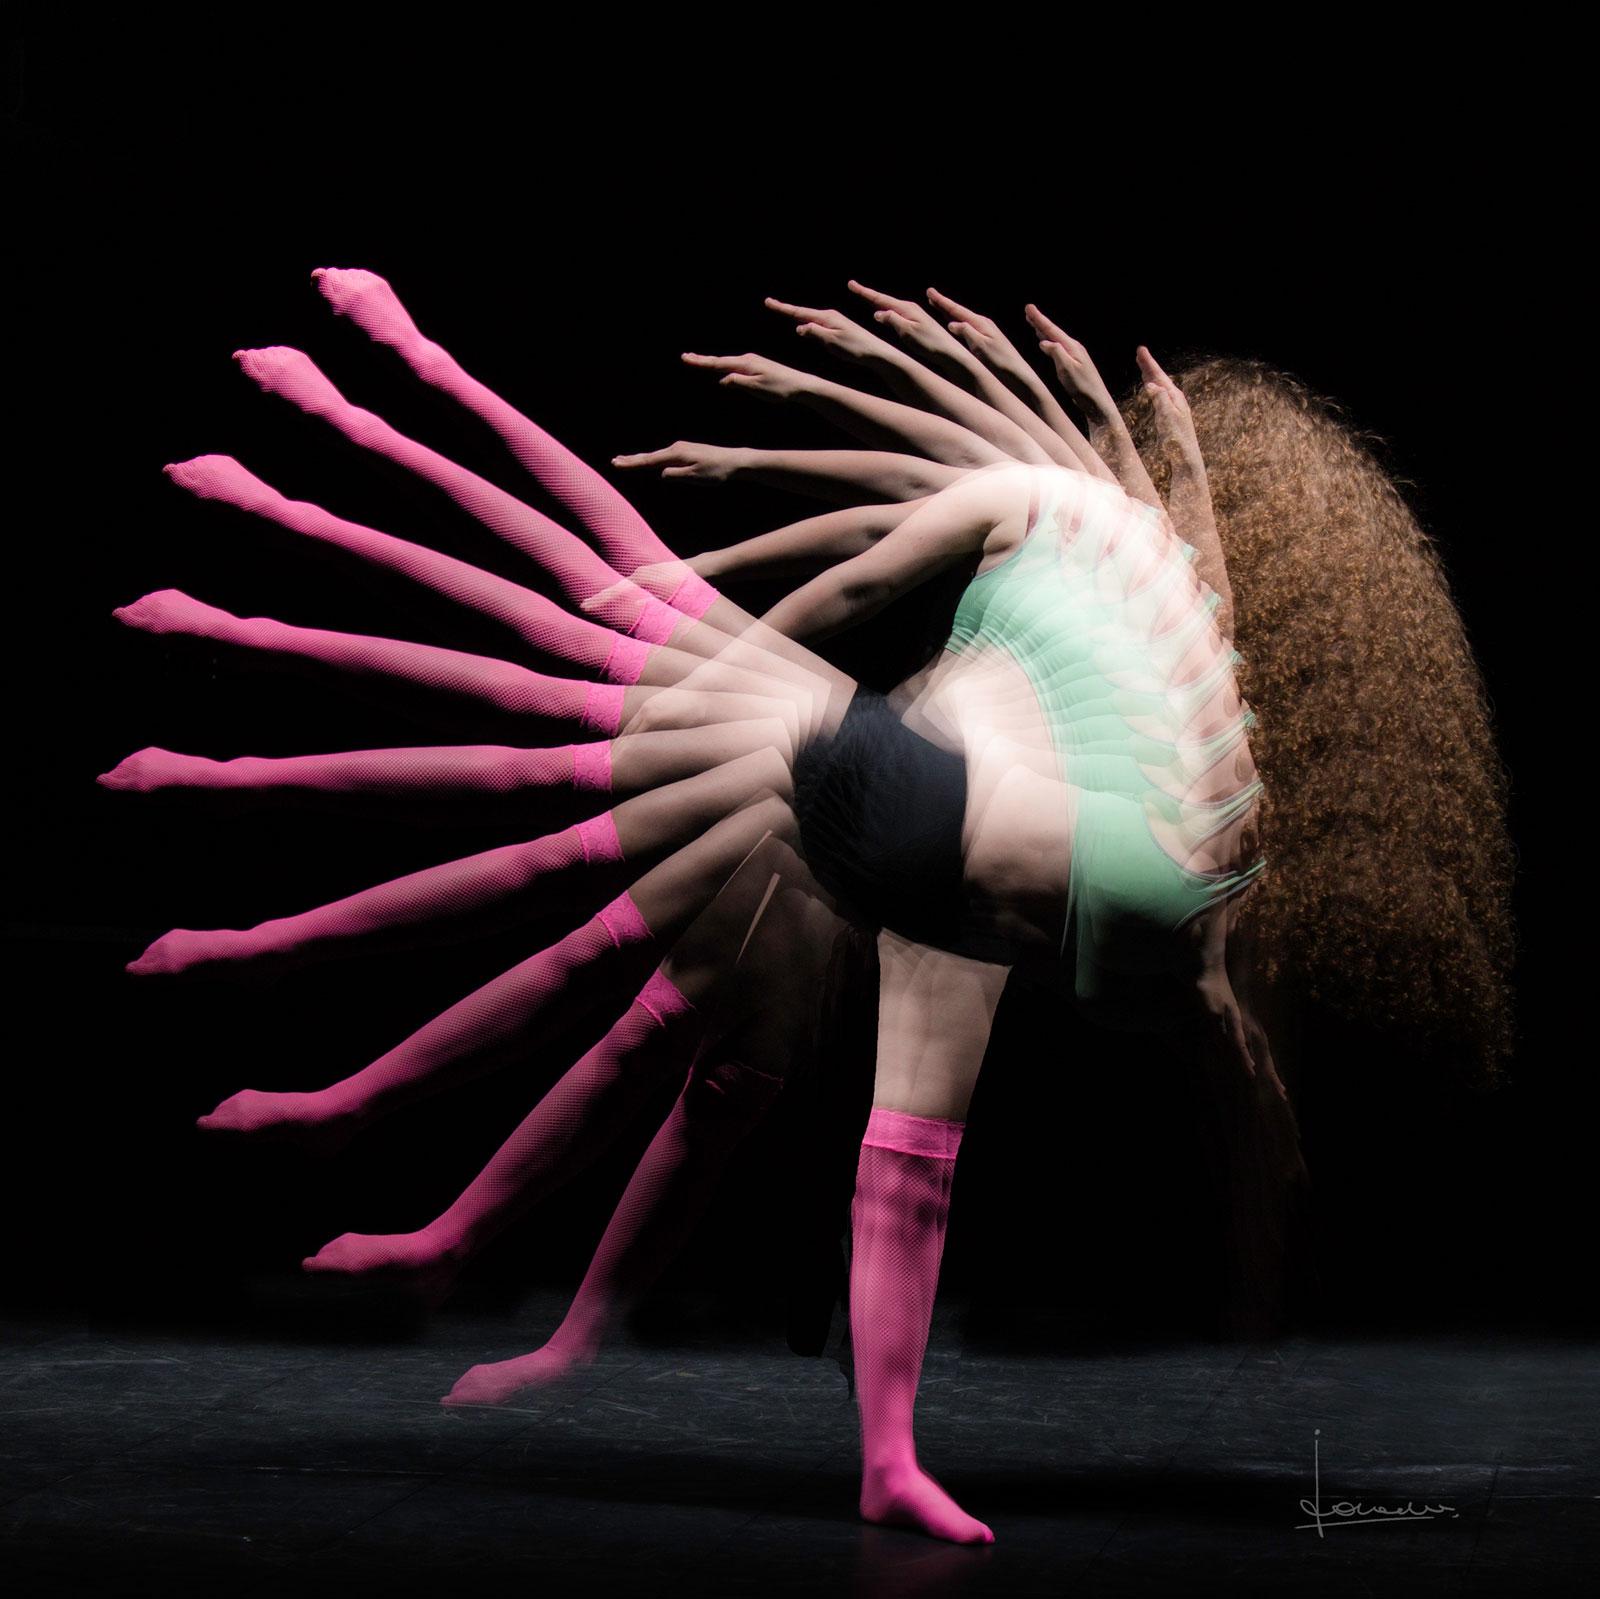 Voor deze foto met een danser de donkere kelder ingedoken.